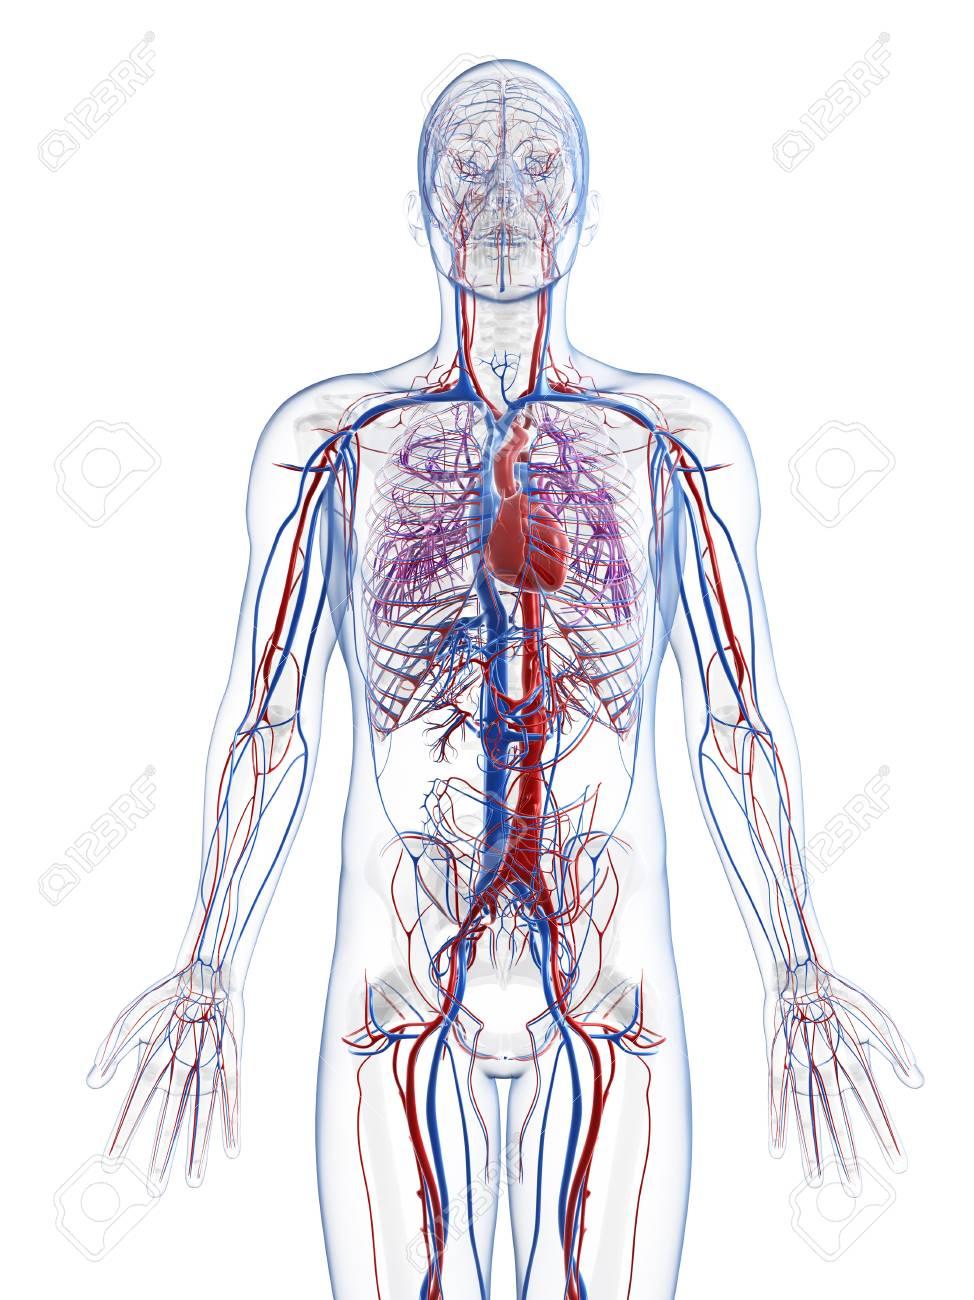 Ausgezeichnet Anatomie Gefäßsystem Bilder - Physiologie Von ...